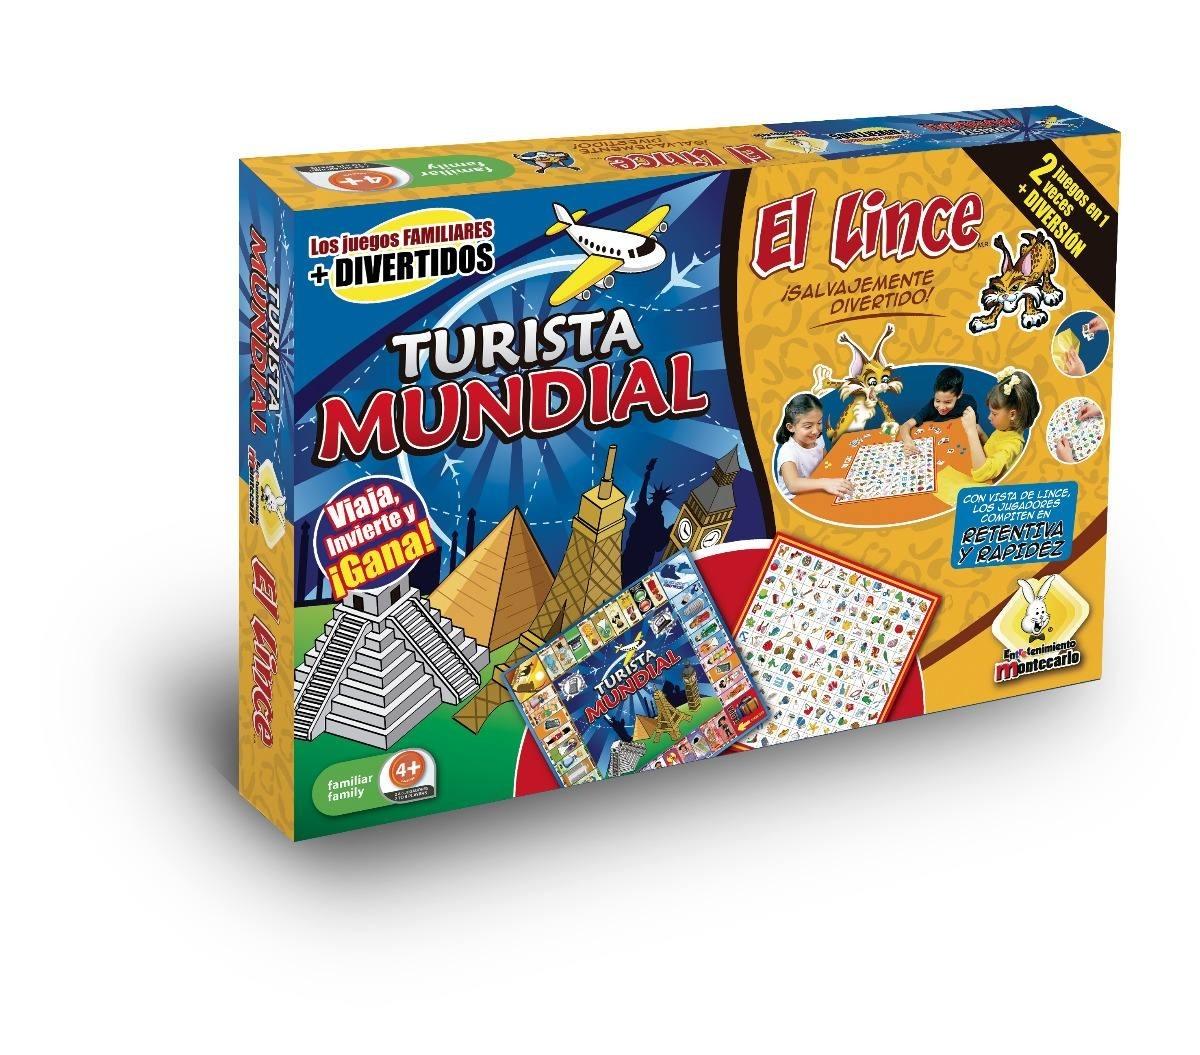 Juego De Mesa El Lince 199 00 En Mercado Libre